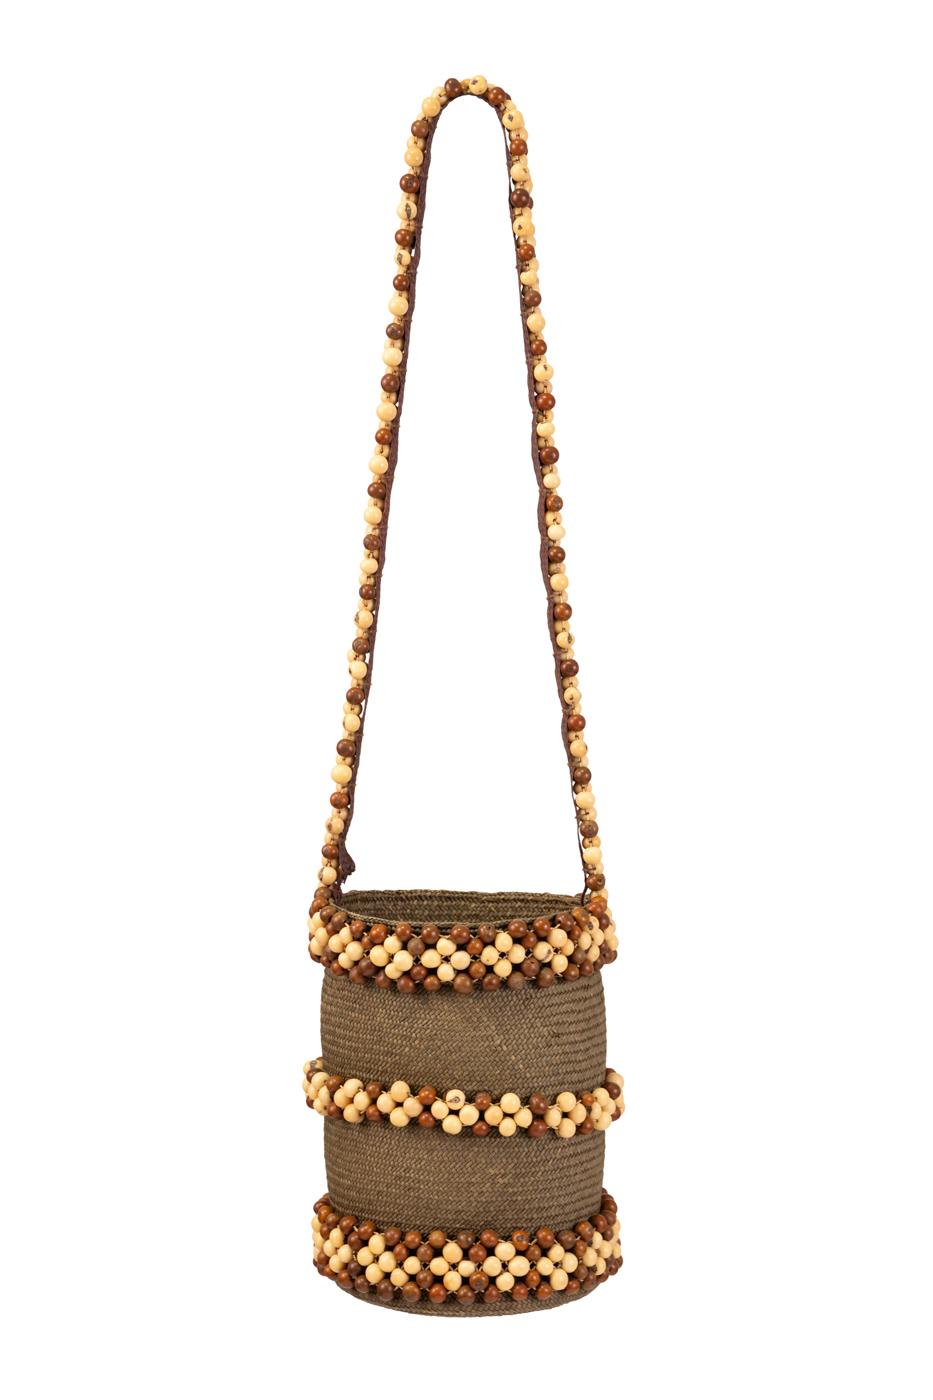 Bolsa en caña flecha y semillas de tagua